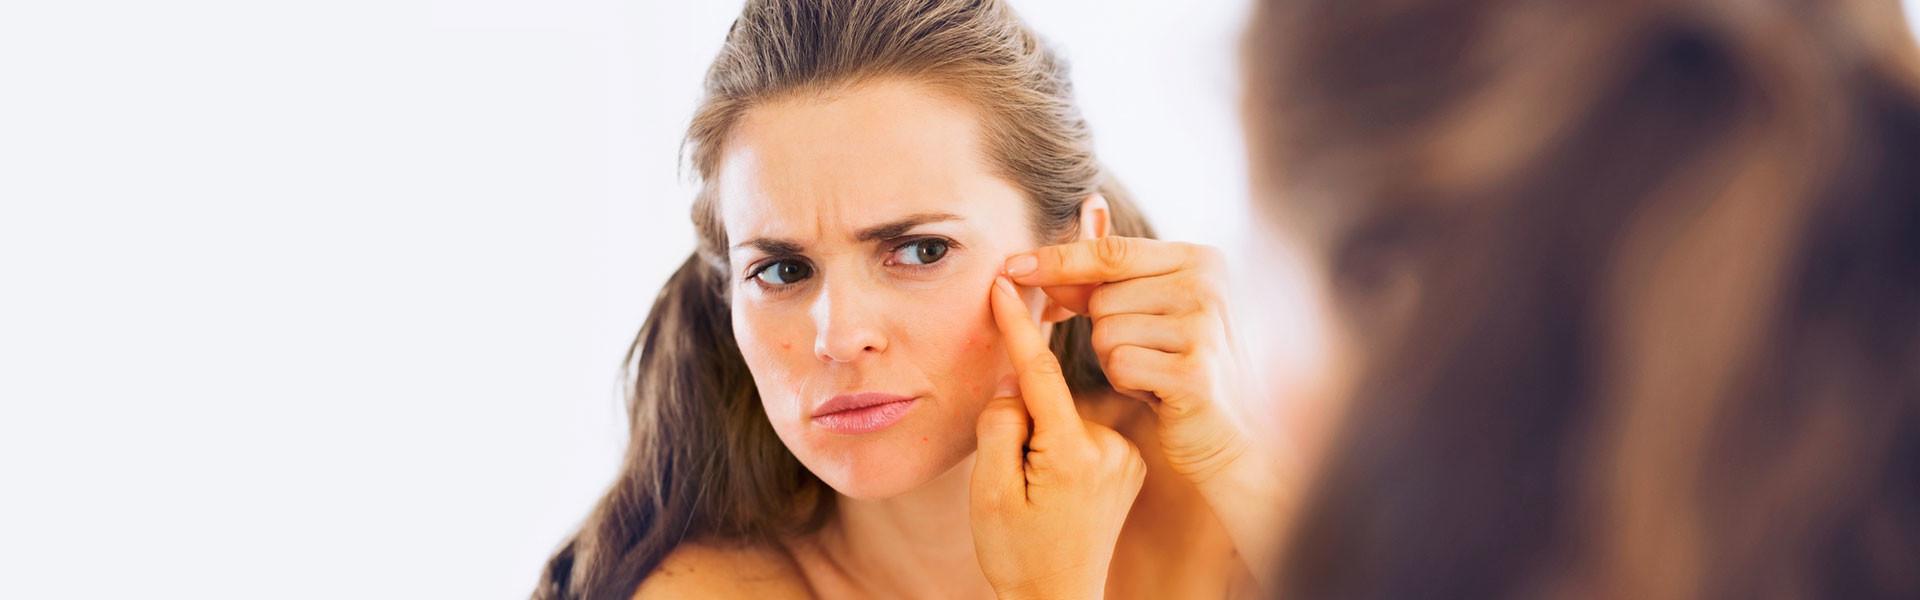 Há muito que a acne deixou de ser um problema exclusivo dos adolescentes